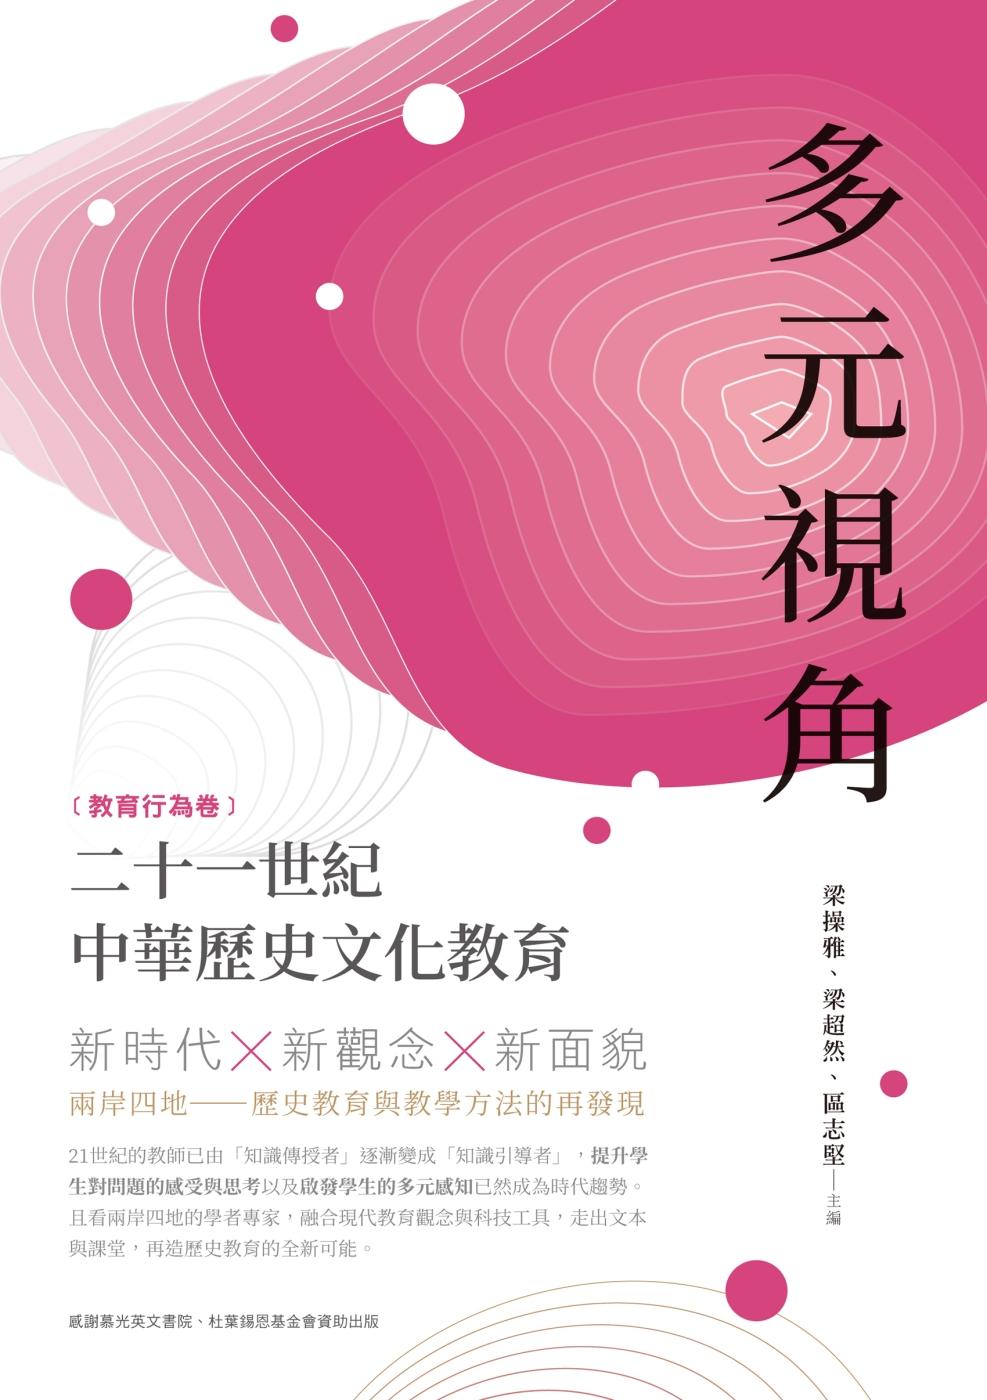 多元視角:二十一世紀中華歷史文化教育(教育行為卷)